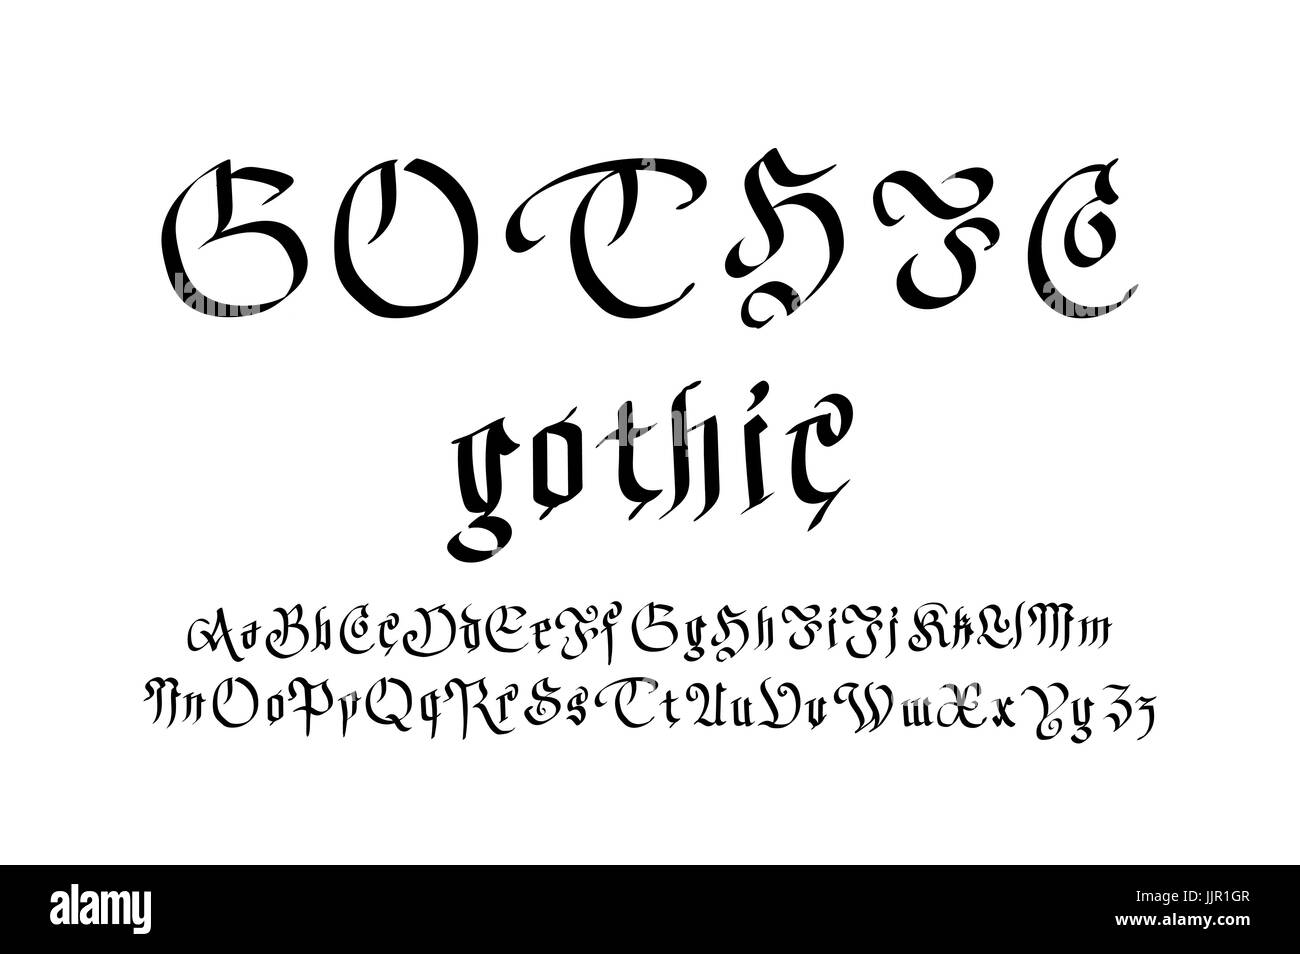 Style gothique moderne font lettres gothiques vecteur dart style gothique moderne font lettres gothiques vecteur dart thecheapjerseys Image collections